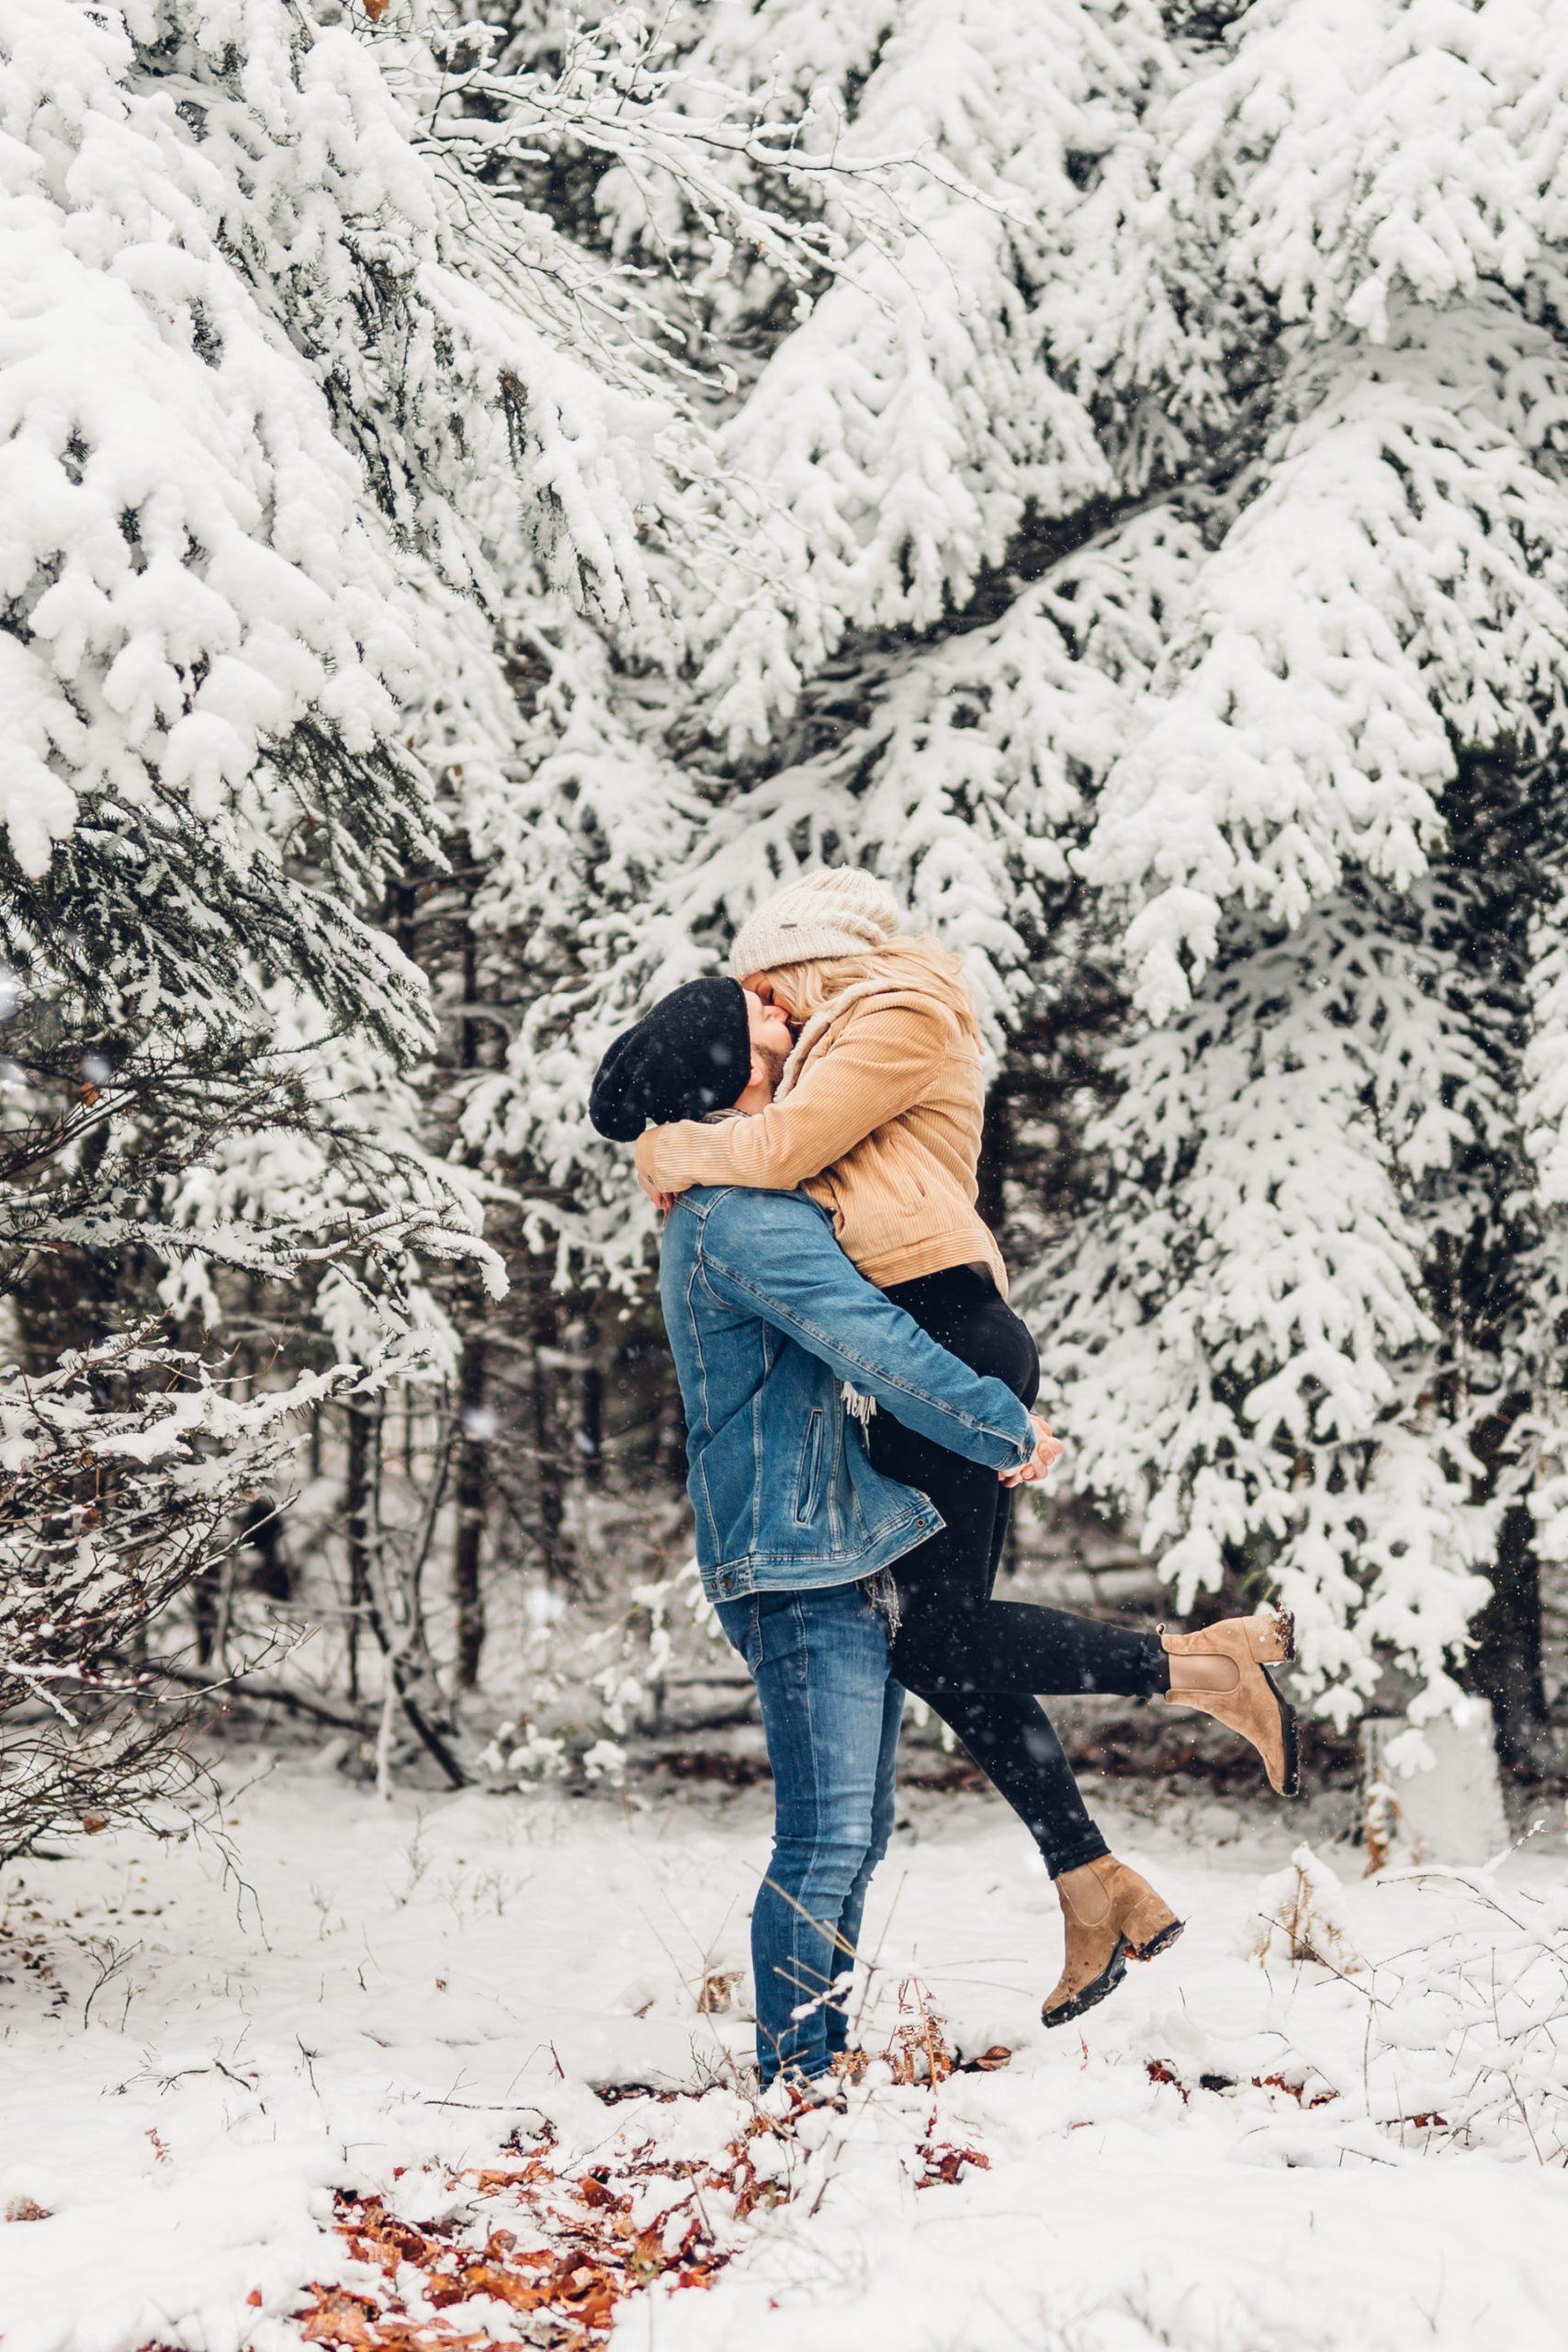 Couplephotoshooting, Snowshooting